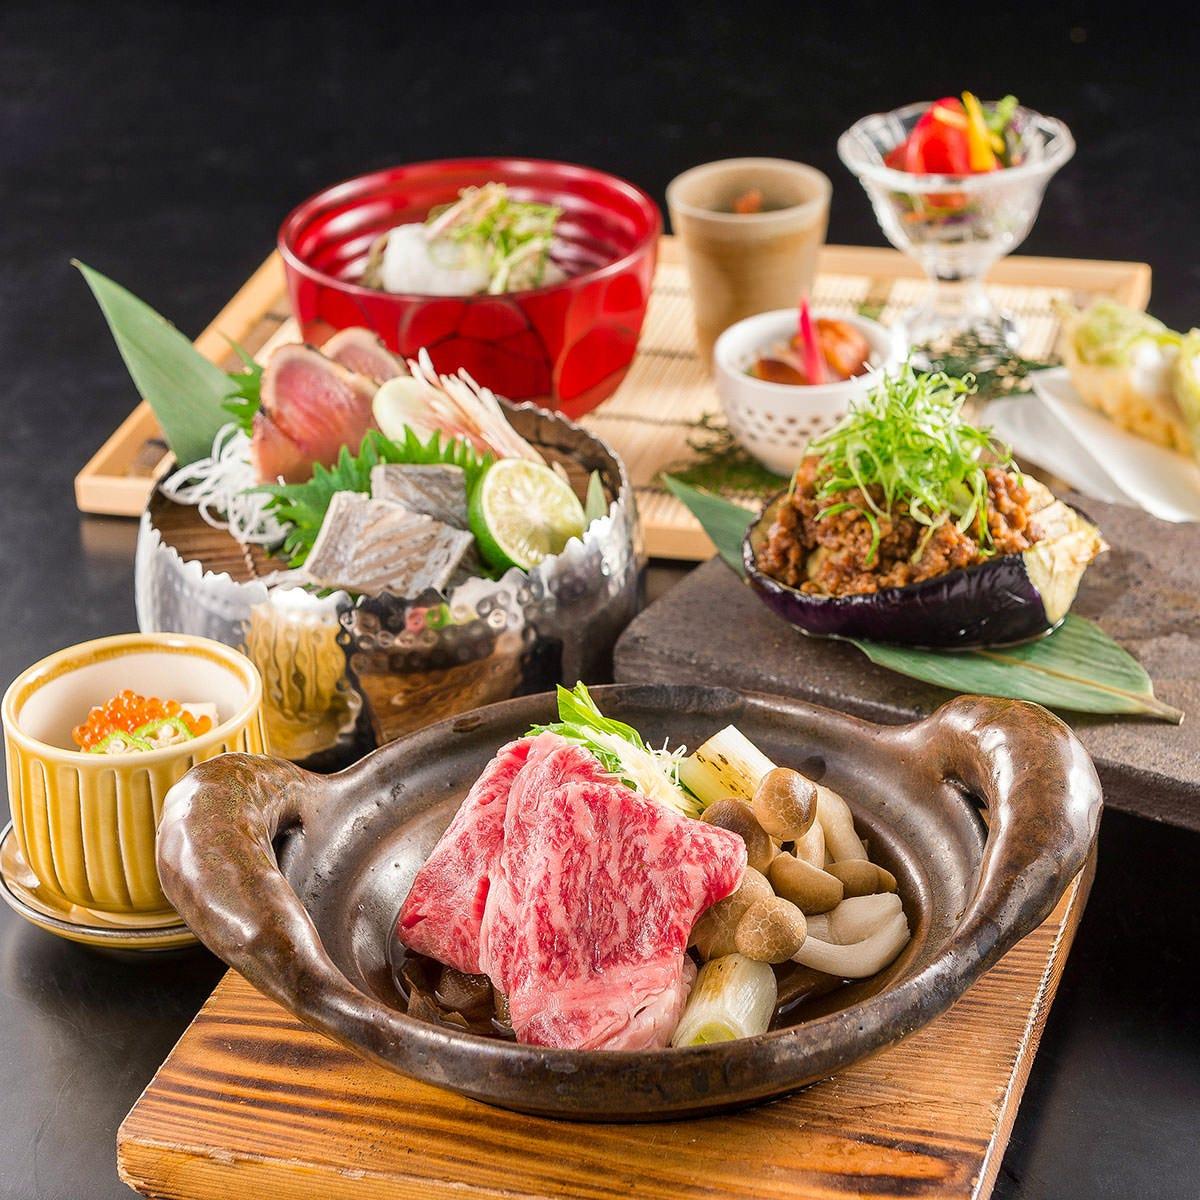 『匠(たくみ)コース』 夏味~加茂茄子・鰹・太刀魚~と国産牛土鍋炊きを愉しむコース(料理のみ)